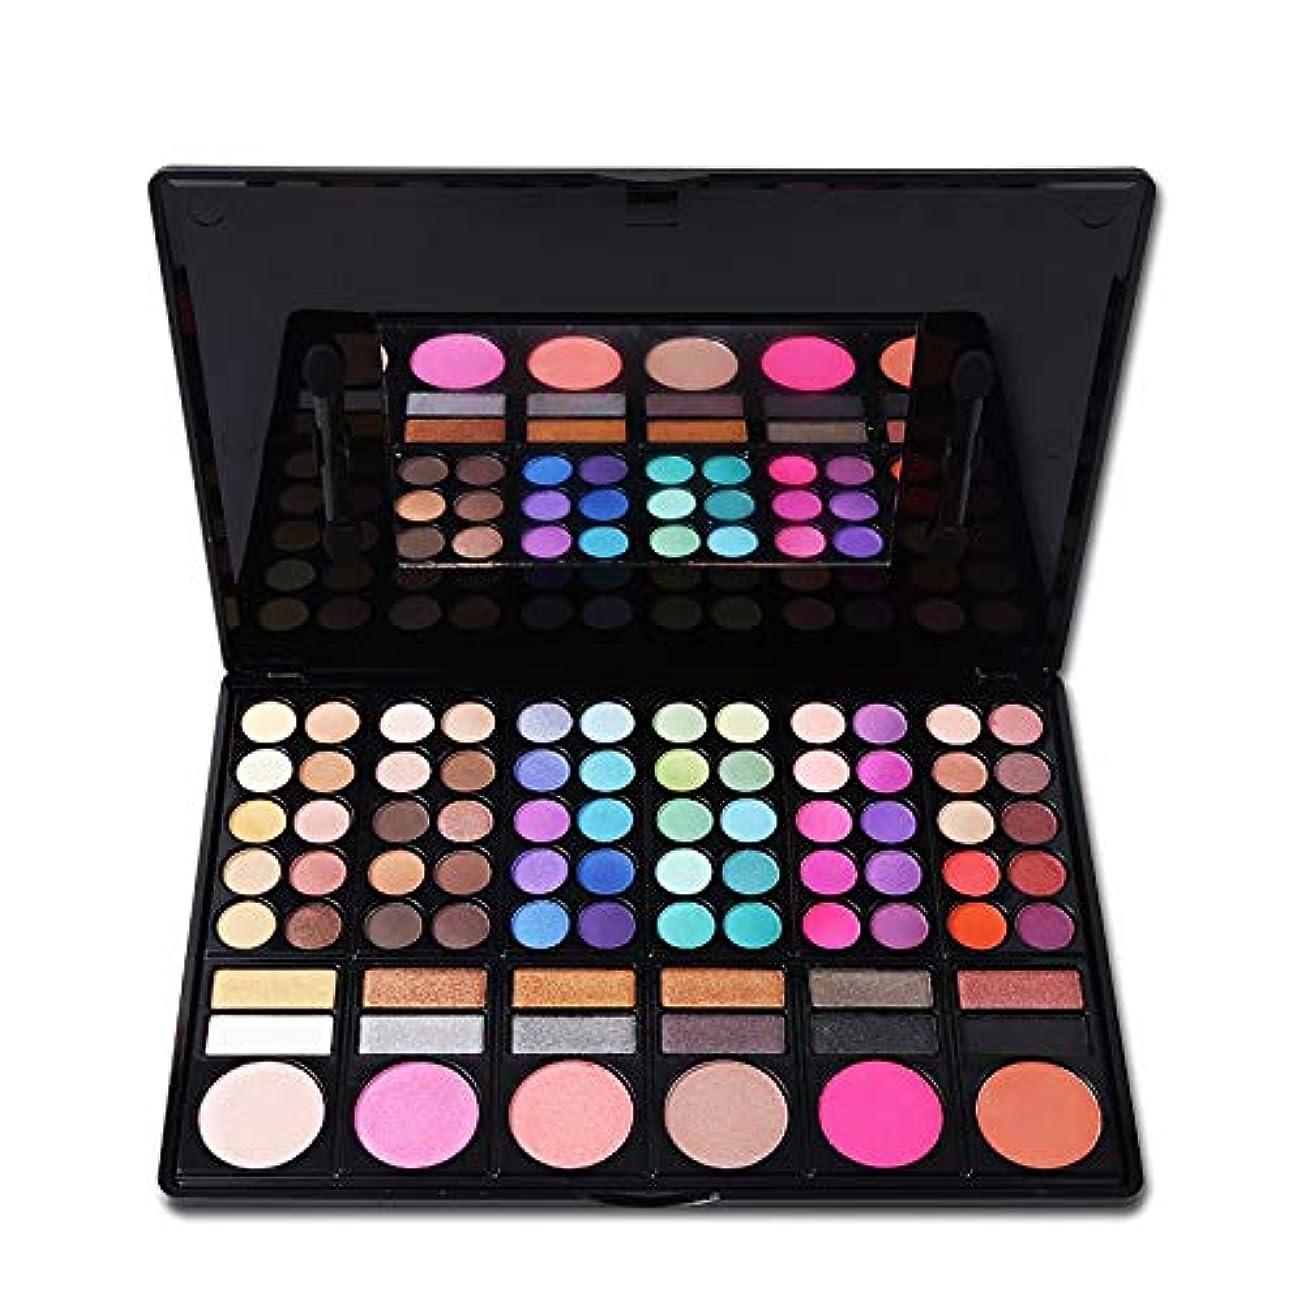 マルクス主義者悪性一目New 78 Colors Eyeshadow Palette Matte Shimmer Glitter Eye Shadow Palette Blush Makeup Long-lasting Natural Eyeshadow...